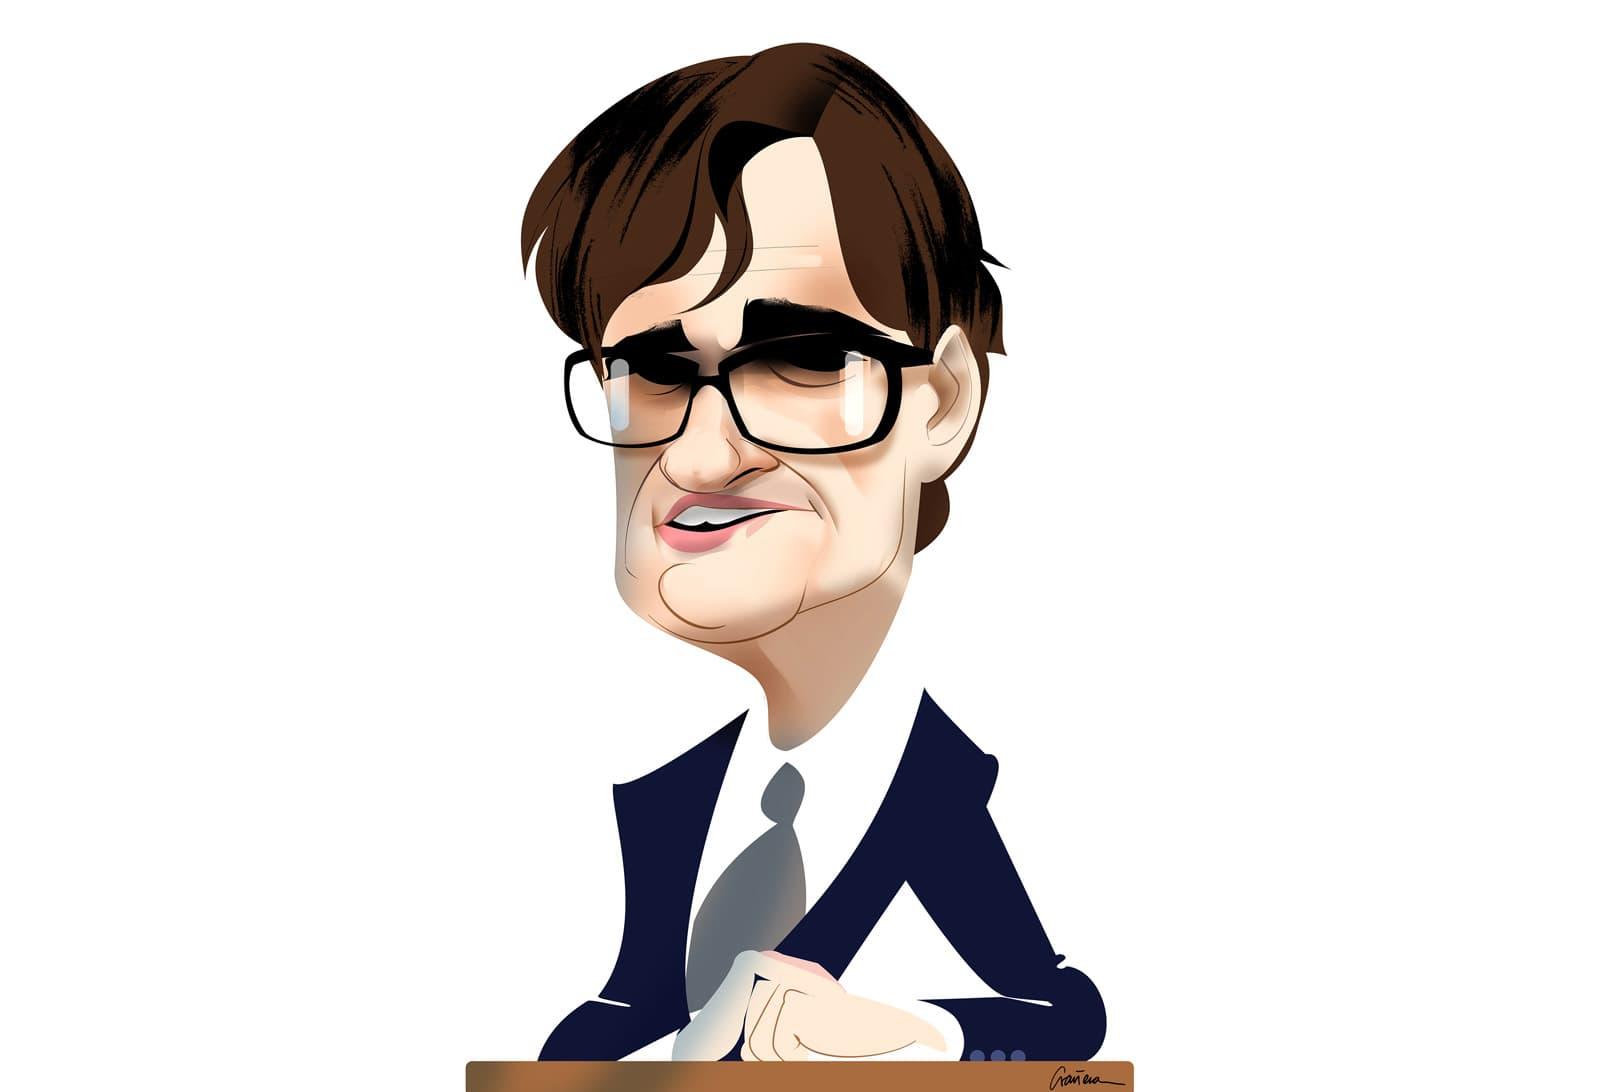 Retrato del nuevo ministro Salvador Illa. Caricatura de Luis Grañena